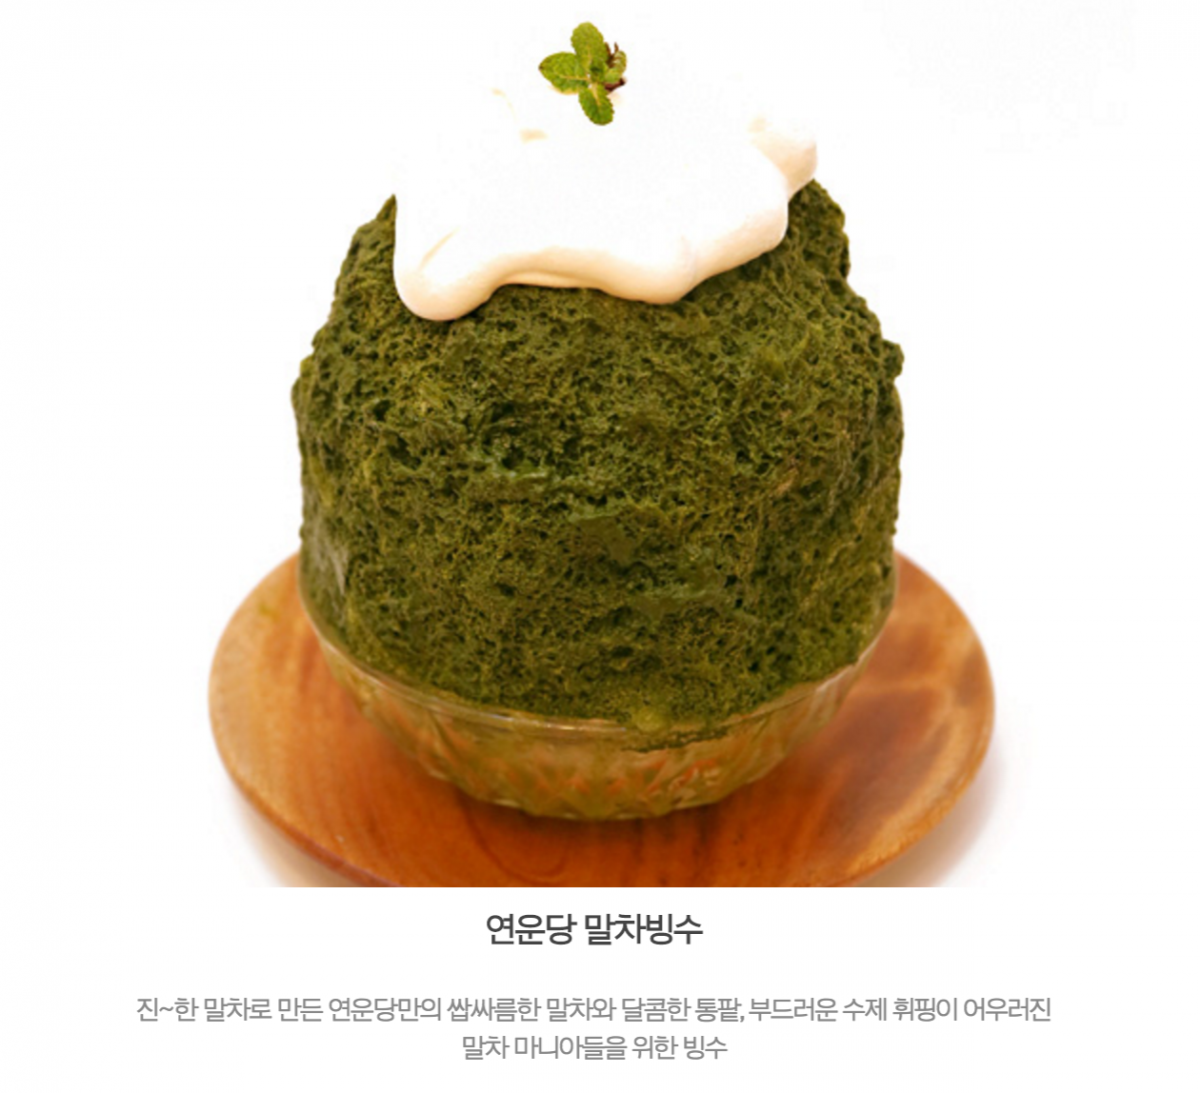 yeonwoondang